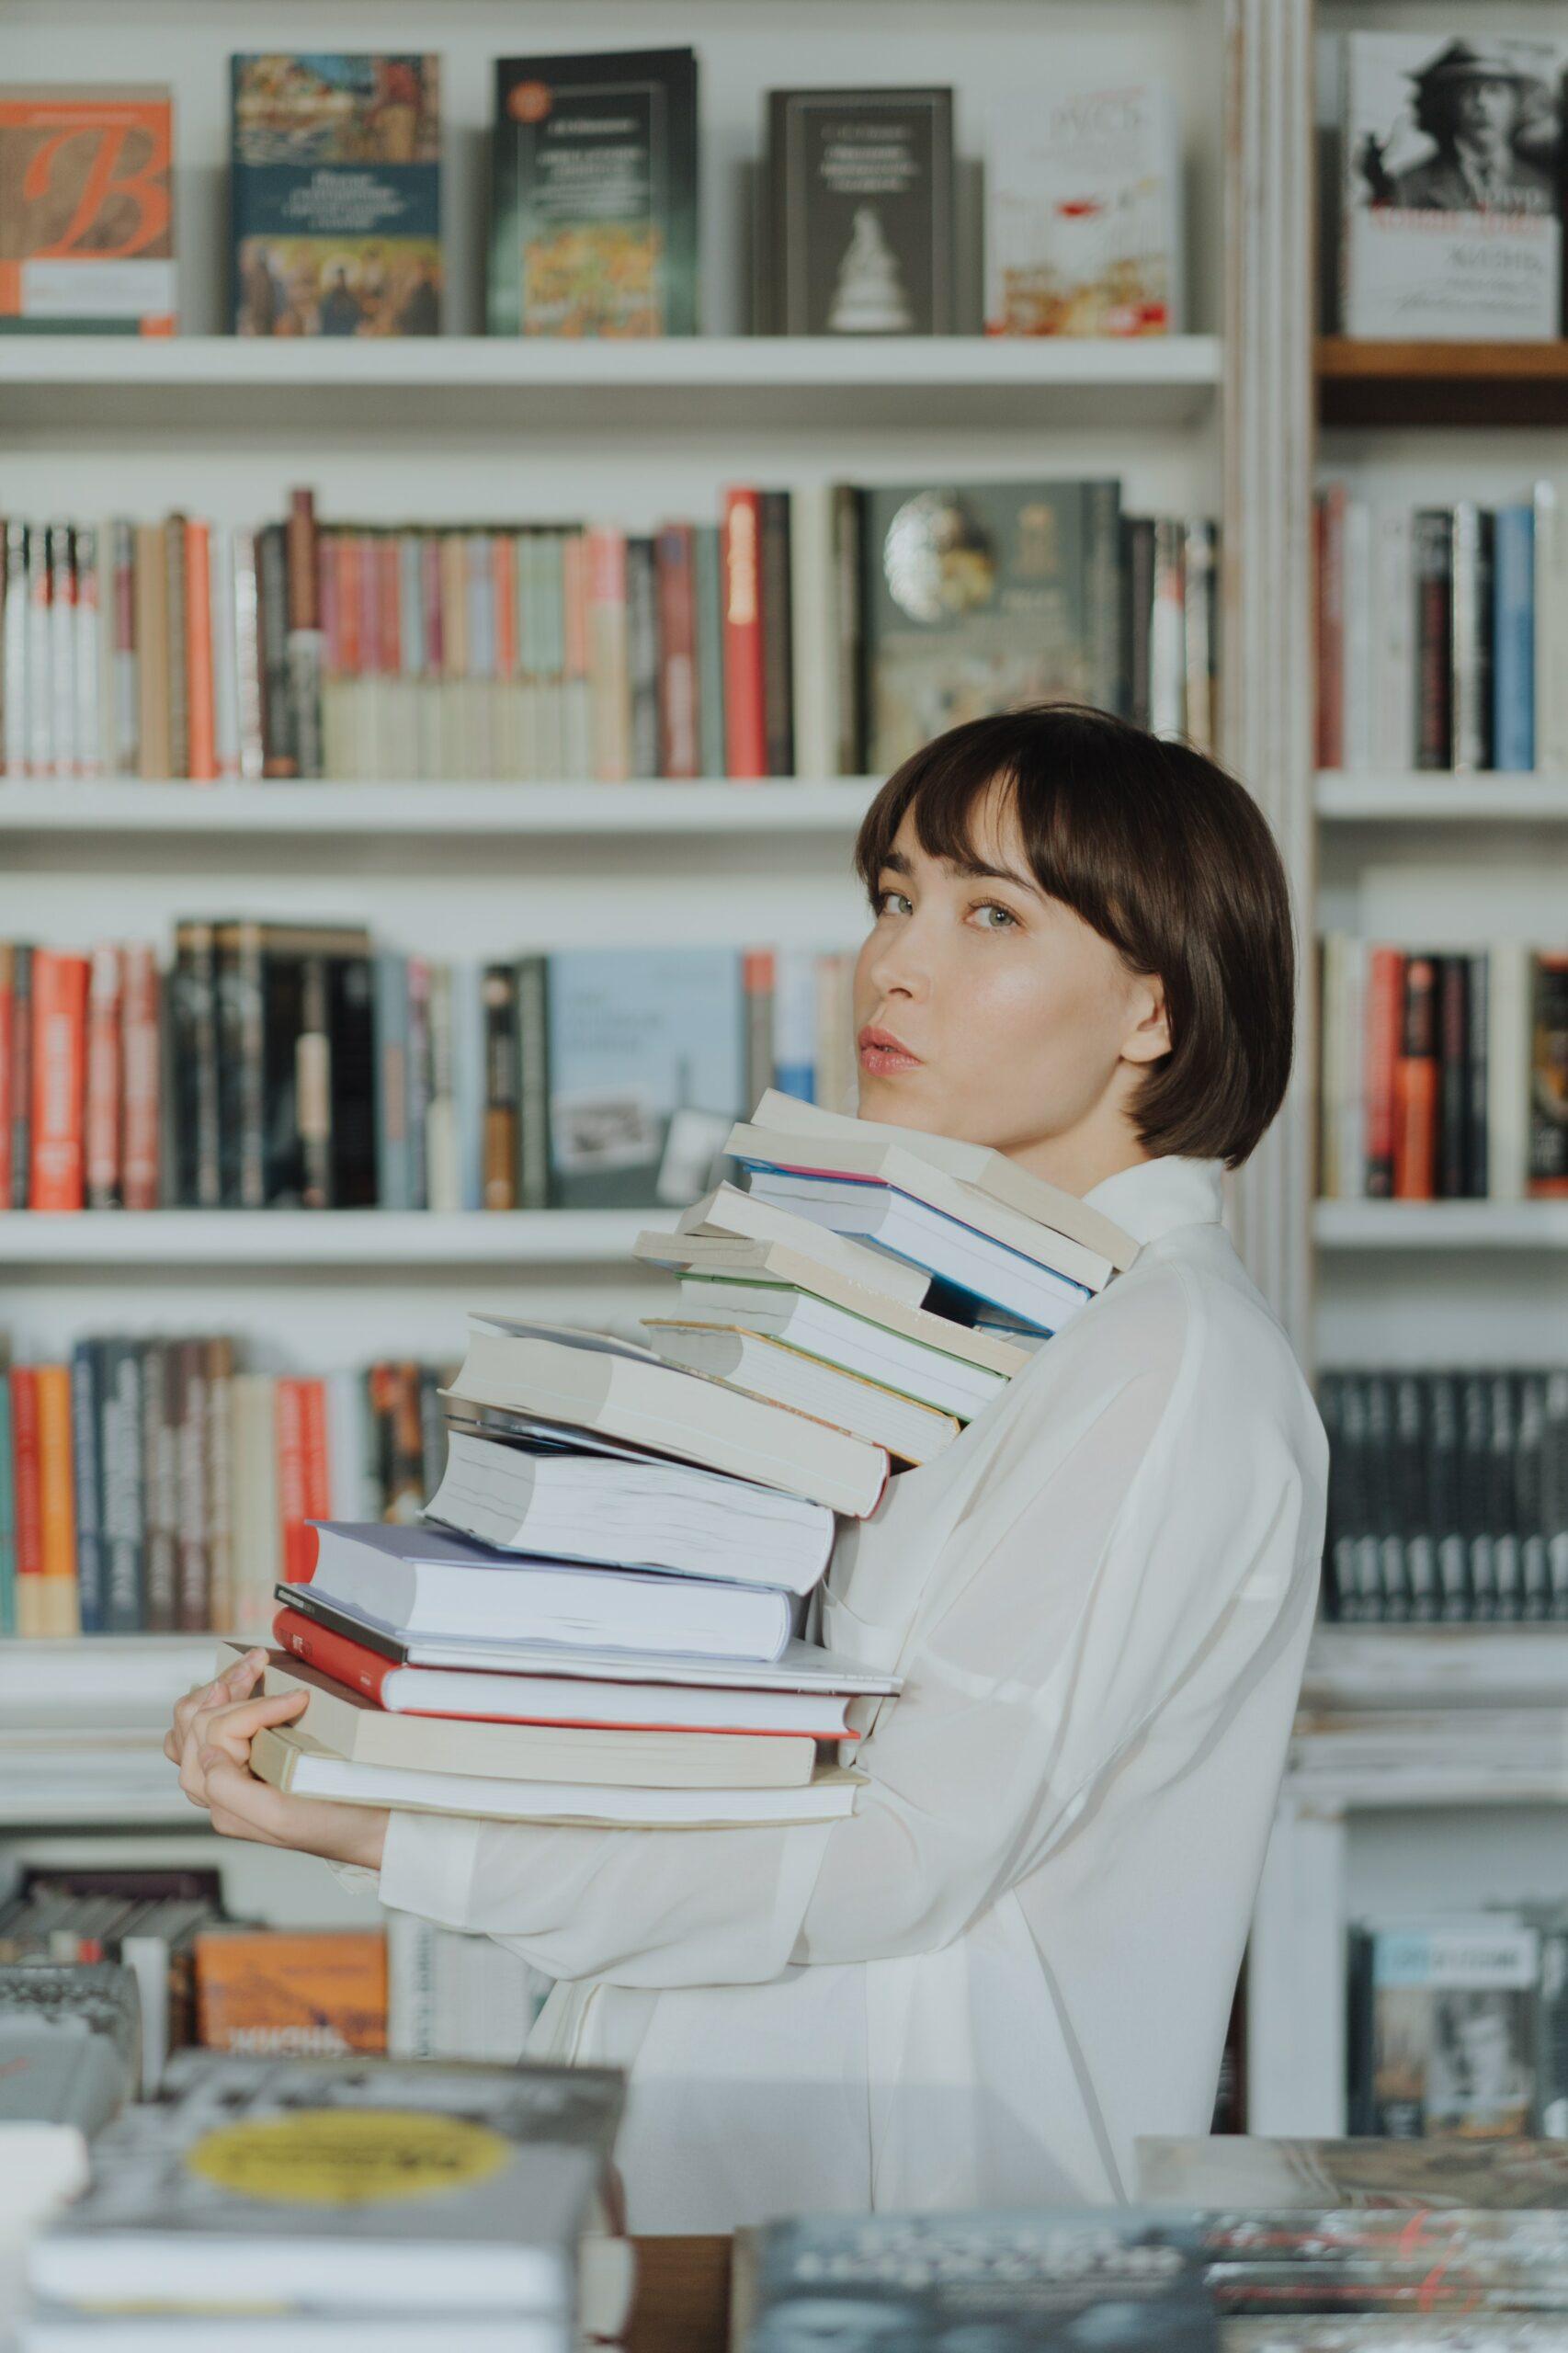 Junge Frau trägt einen Stapel Bücherer